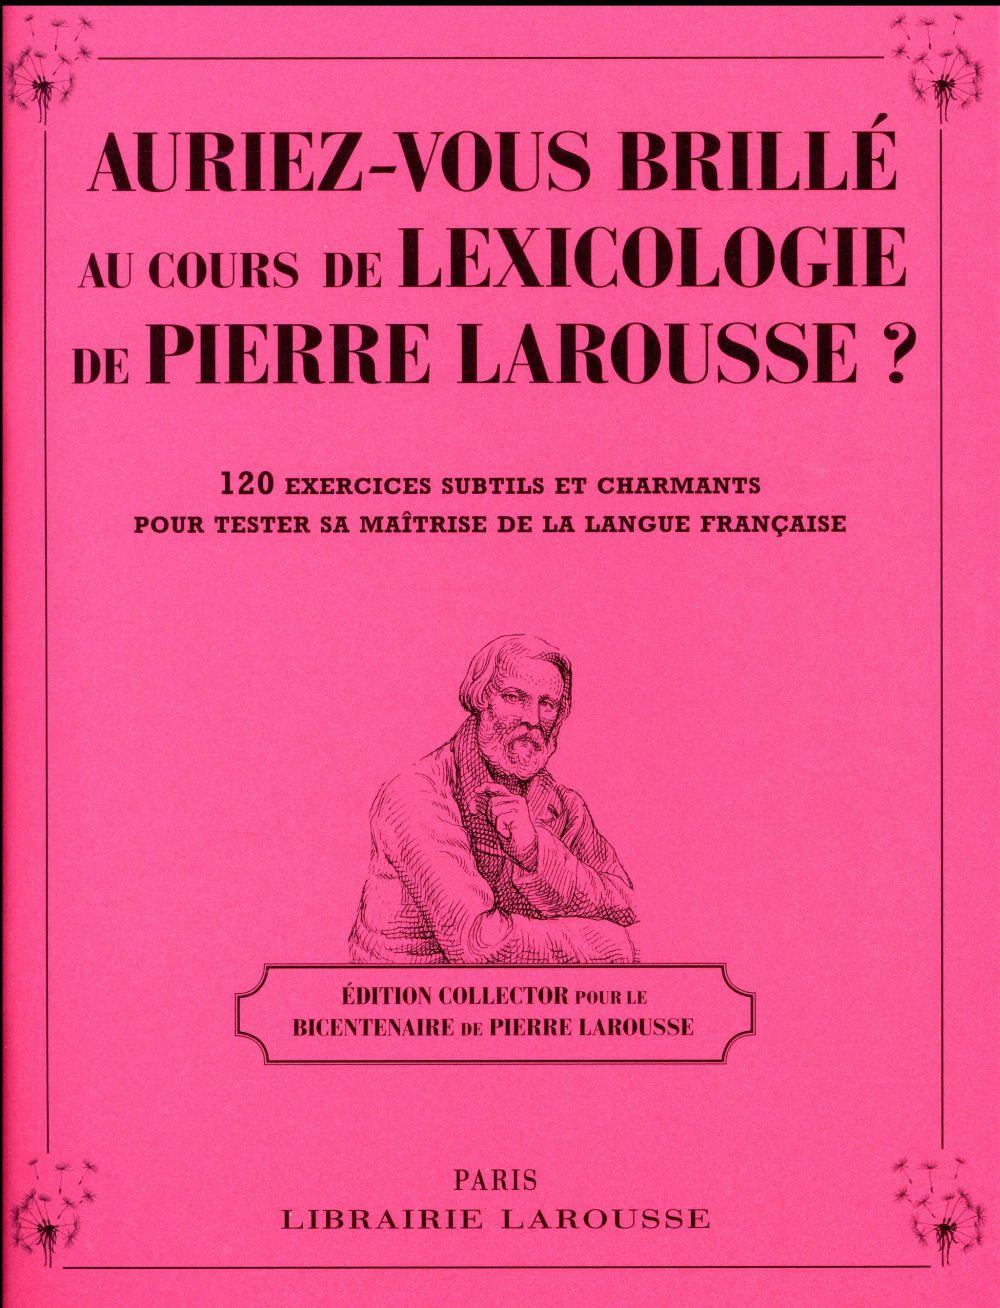 AURIEZ-VOUS BRILLE AU COURS DE LEXICOLOGIE DE PIERRE LAROUSSE ?